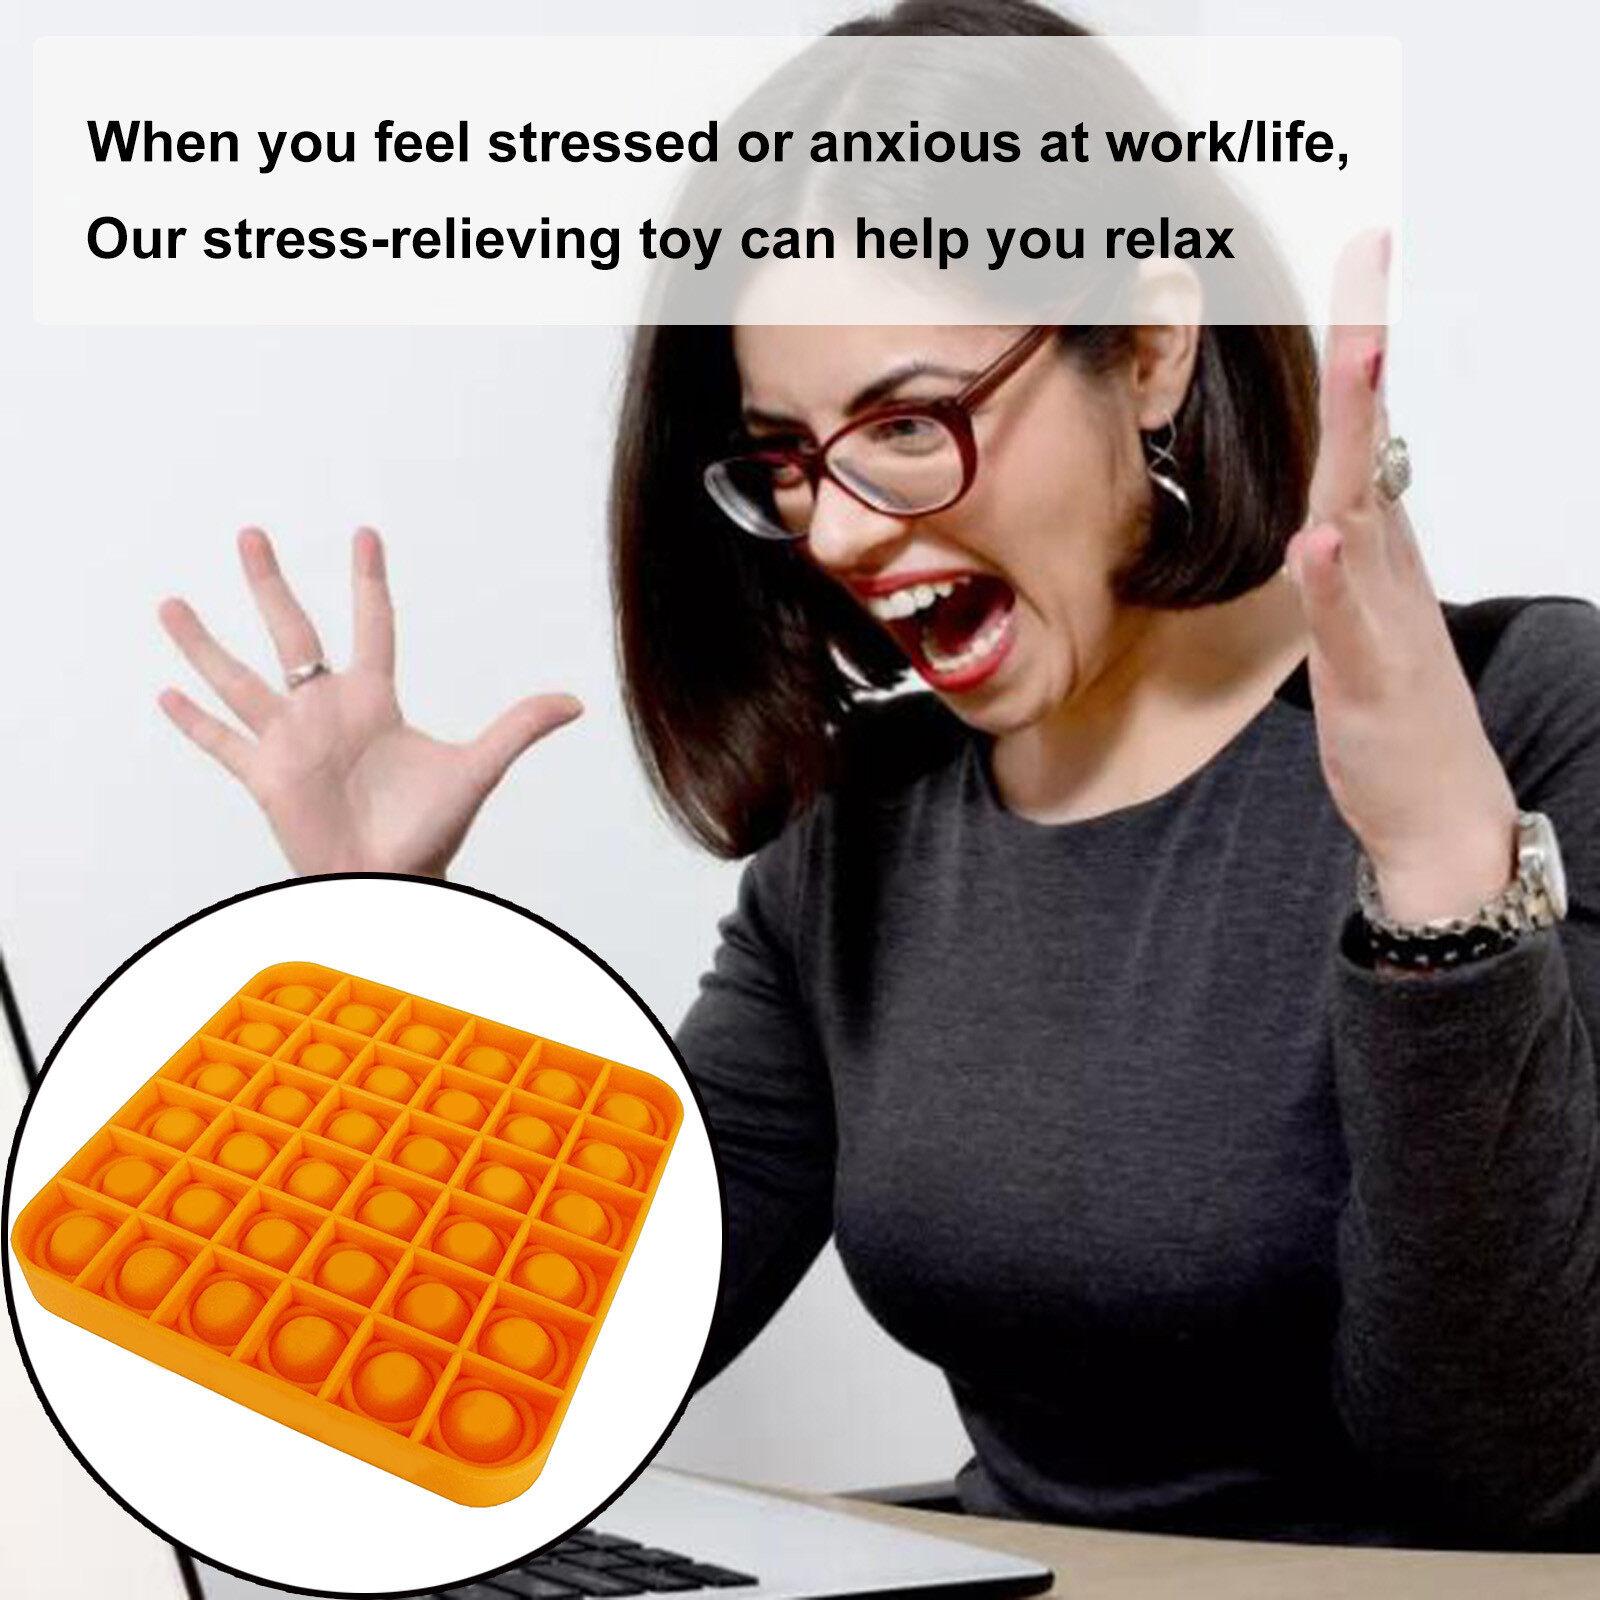 Pop It Fidget Stress Bong Bóng Đồ Chơi Đẩy Bong Bóng Fidget Đồ Chơi Cảm Giác Công Cụ Giảm Căng Thẳng Giúp Giảm Bớt Căng Thẳng Và Tăng Sự Tập Trung Bóp Mềm Đồ Chơi 17